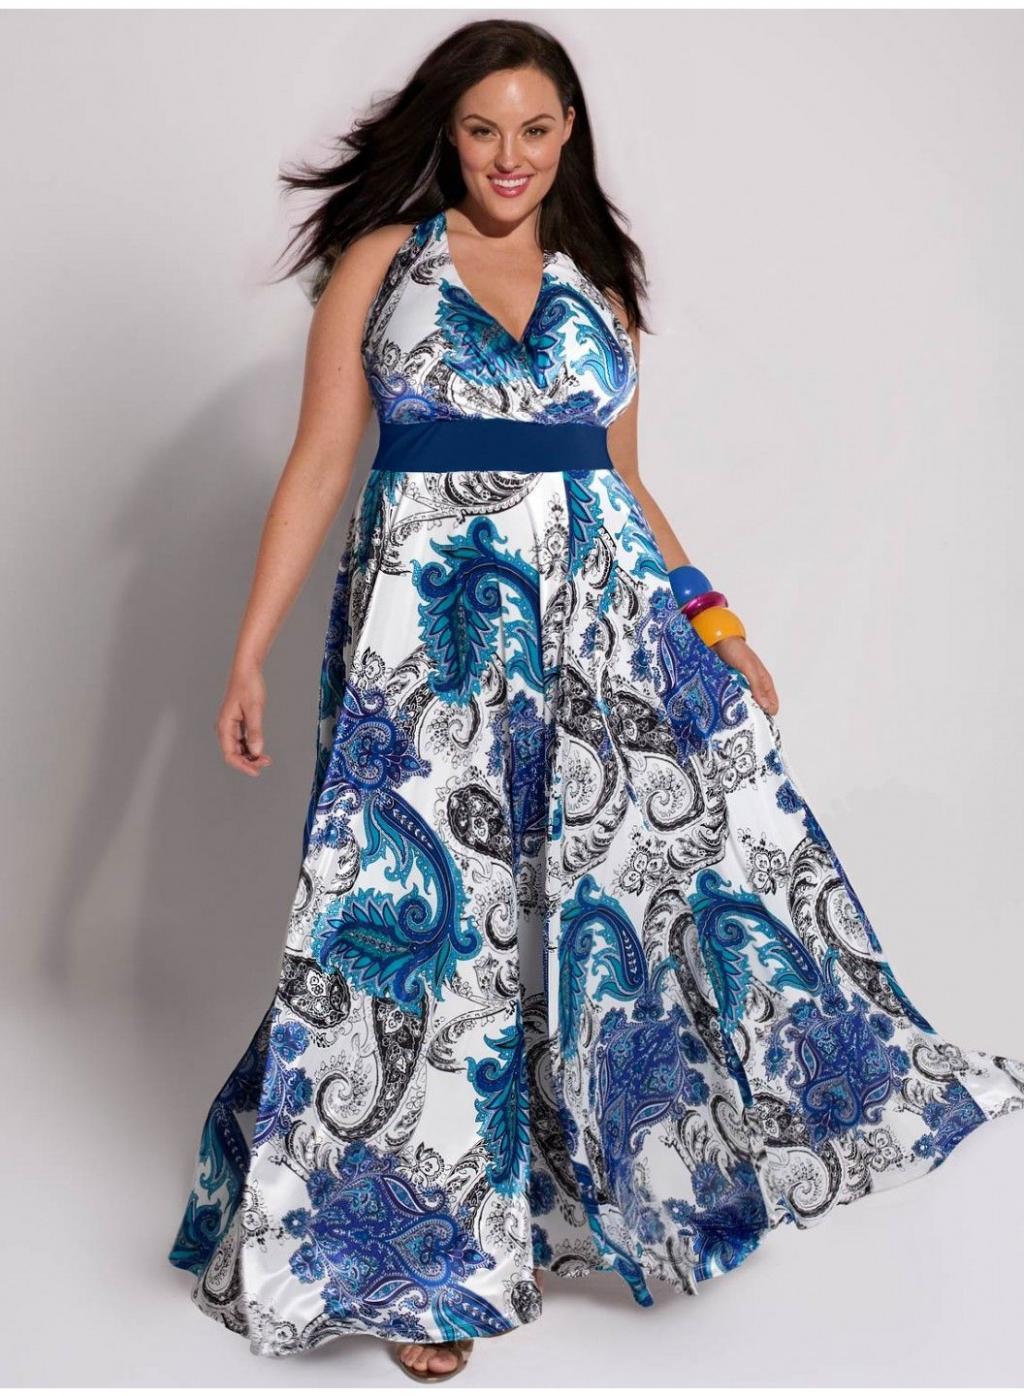 مدل سارافون شیک برای خانم های با سایز بزرگ